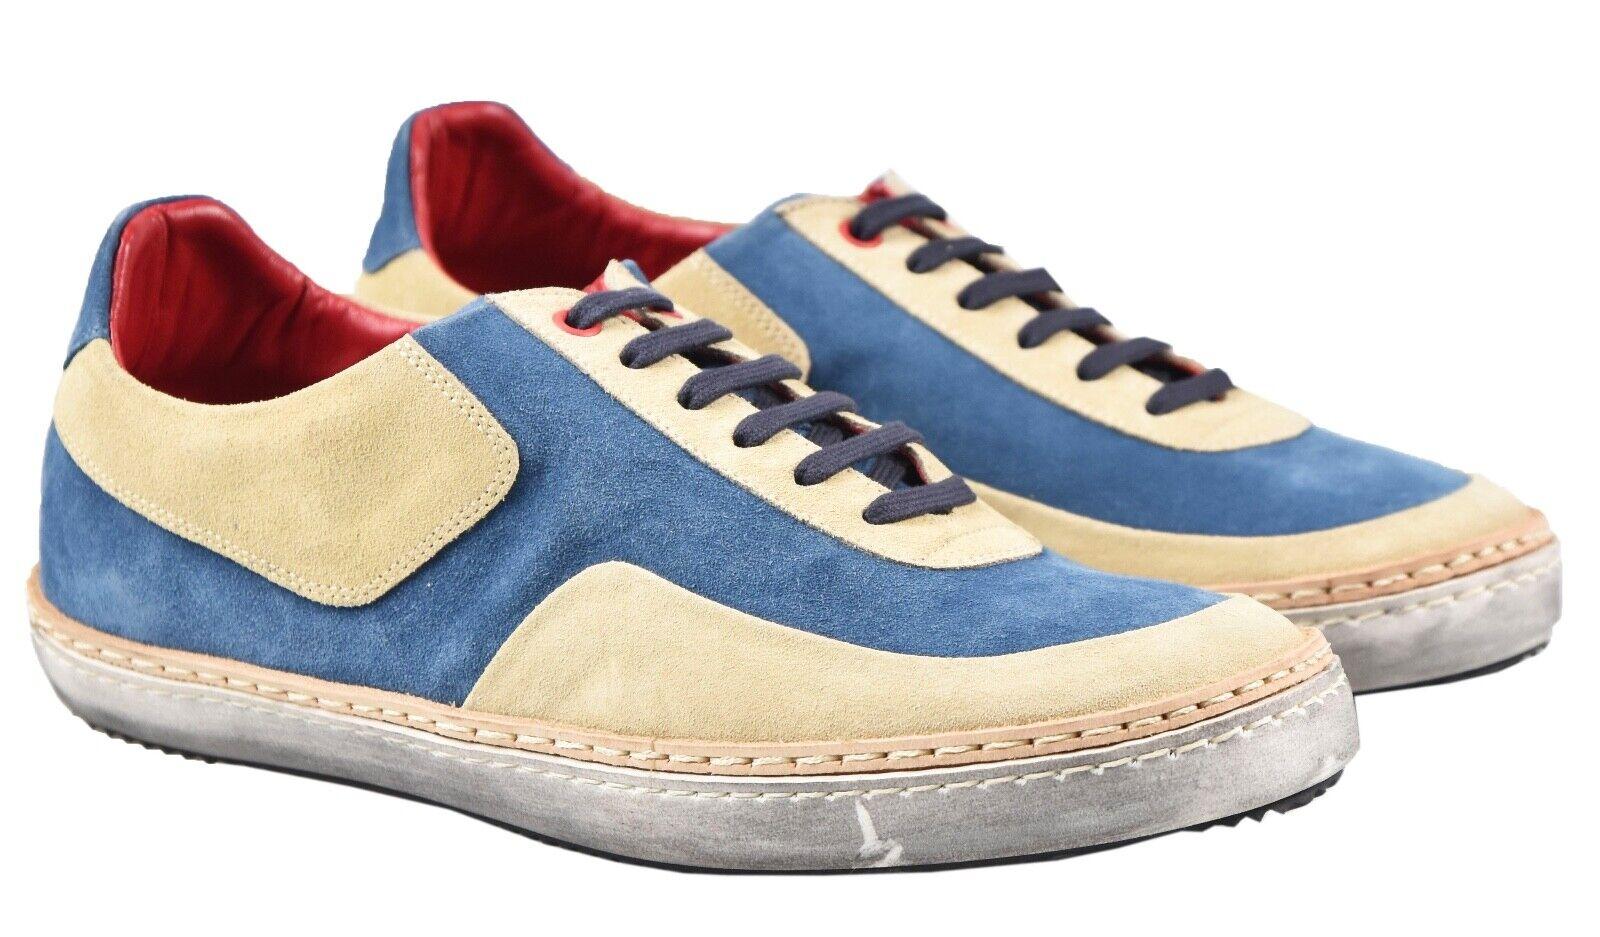 Nouveau KITON paniers Chaussures 100% cuir taille 7 US 40 EU 19O112